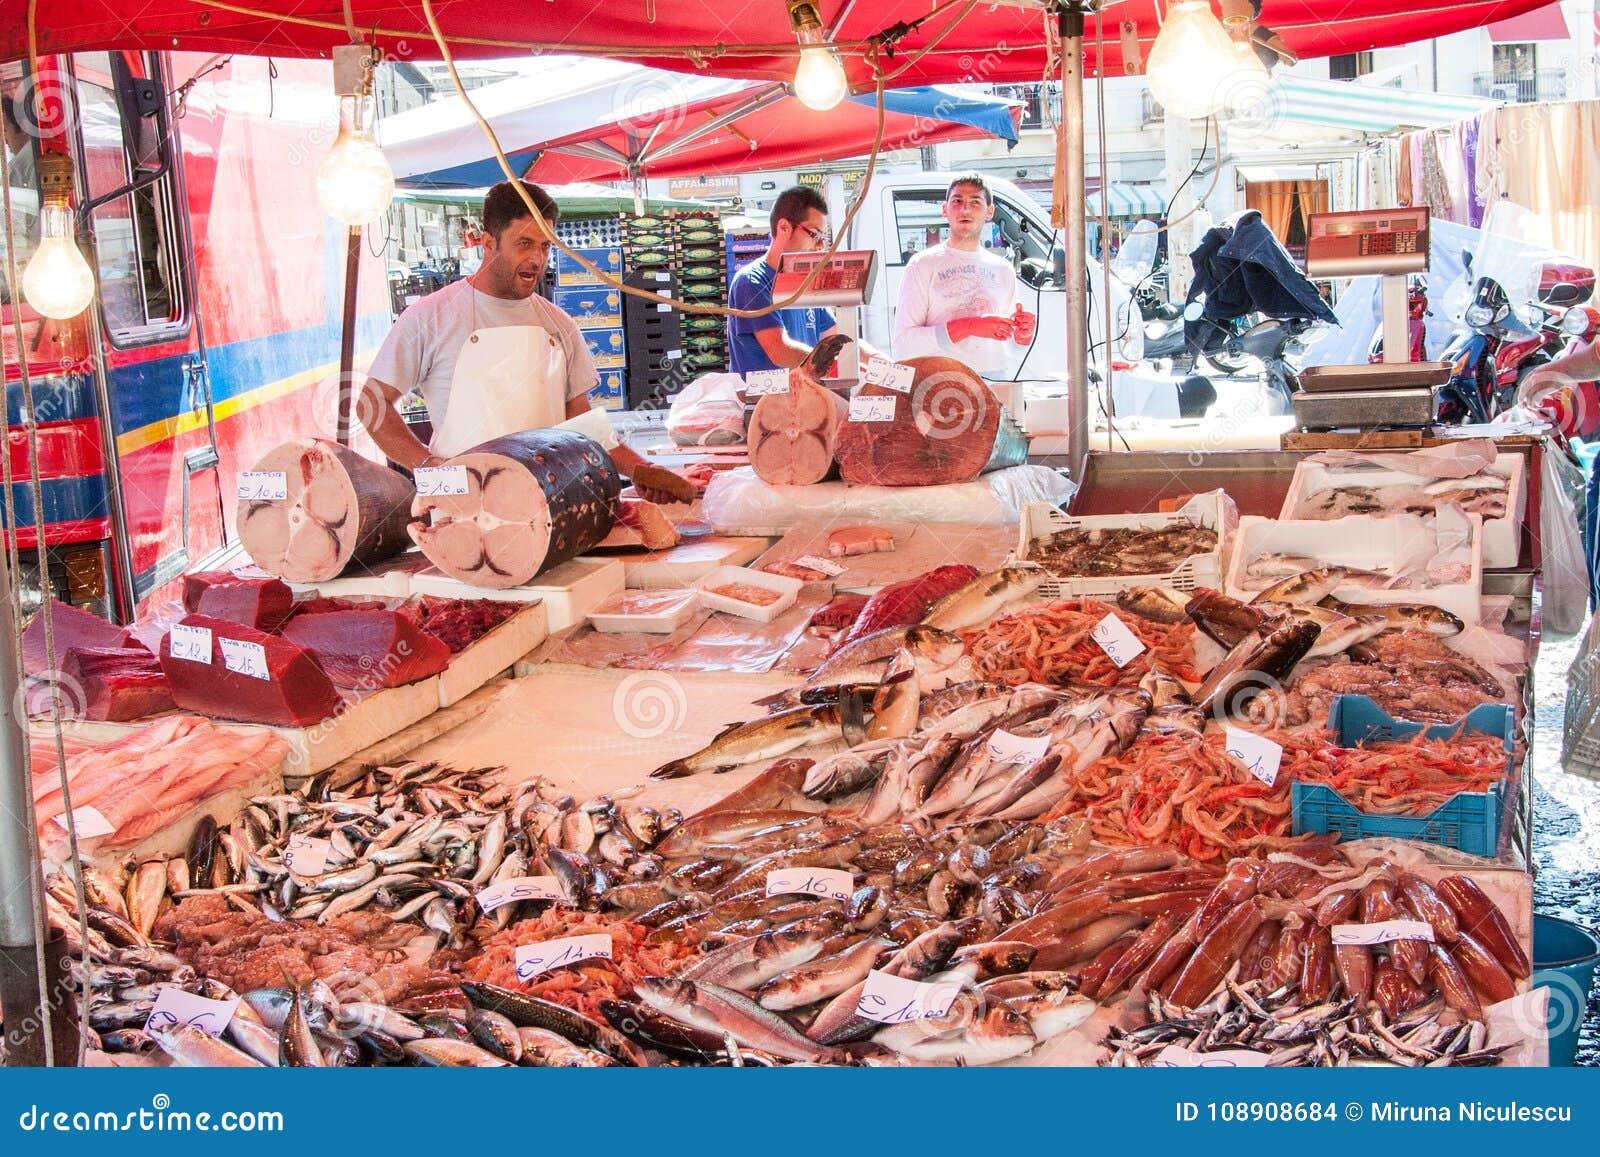 Fishmarket of Catania, Sicily, Italy